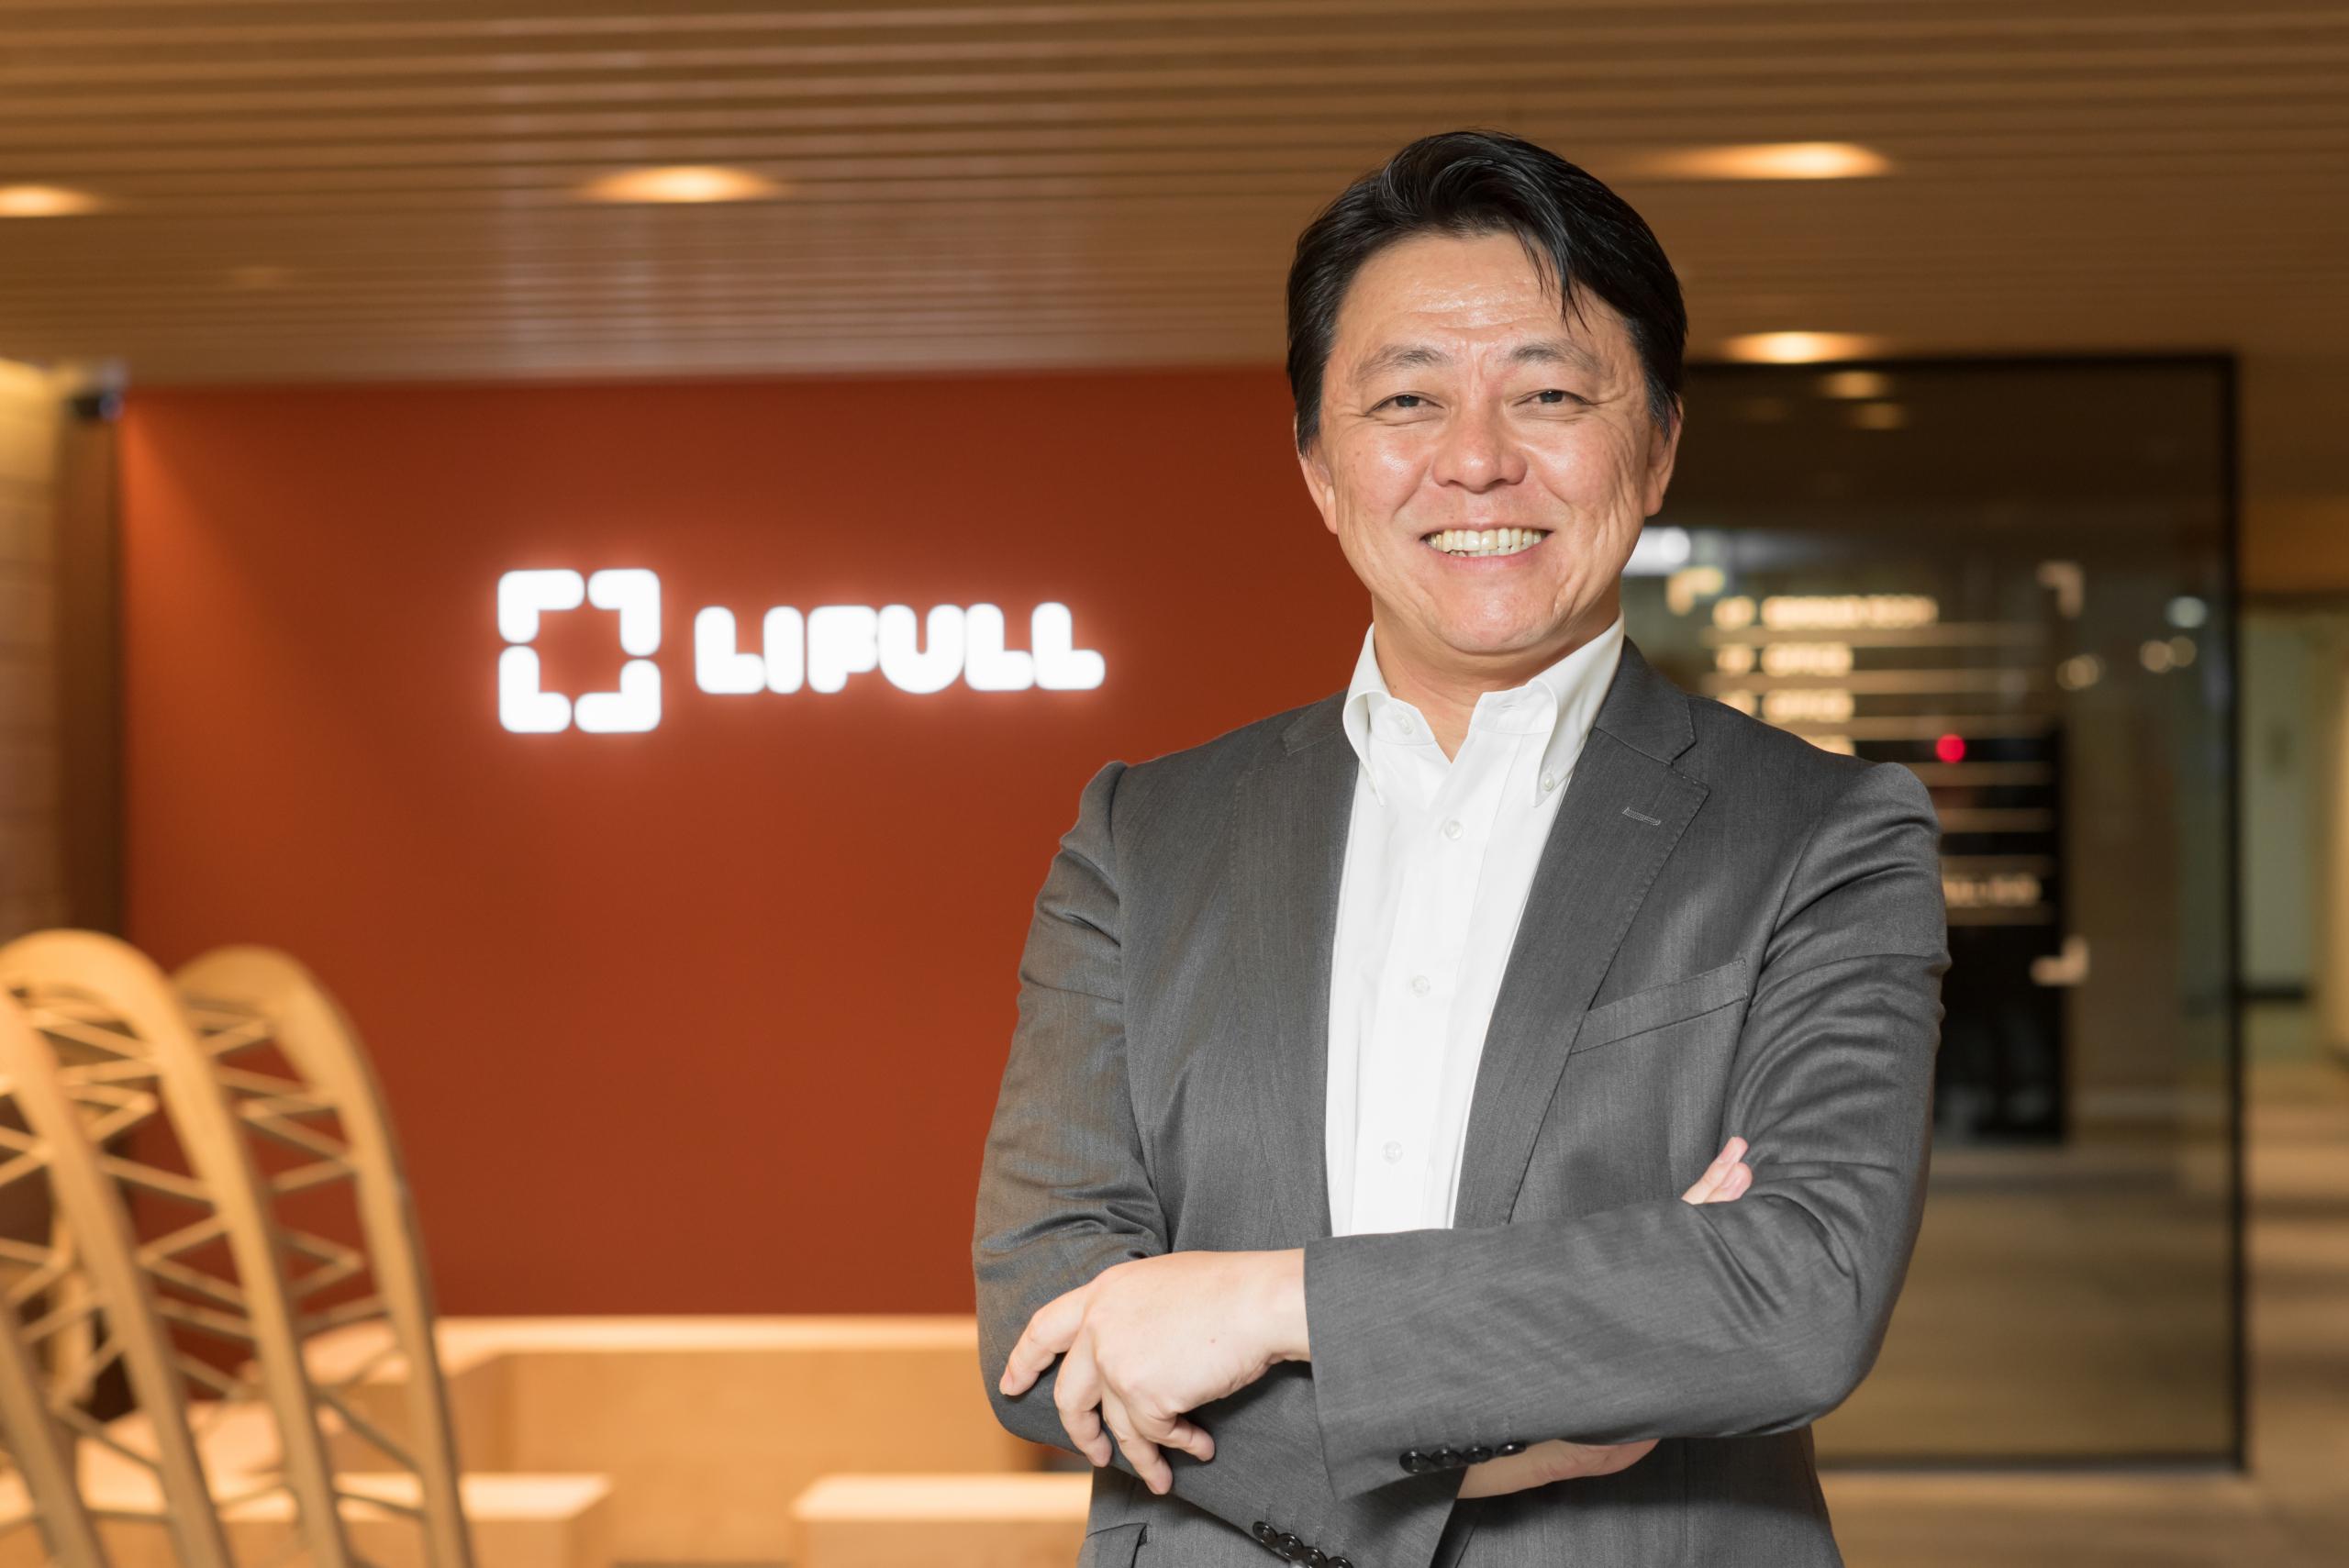 株式会社LIFULL代表 井上高志